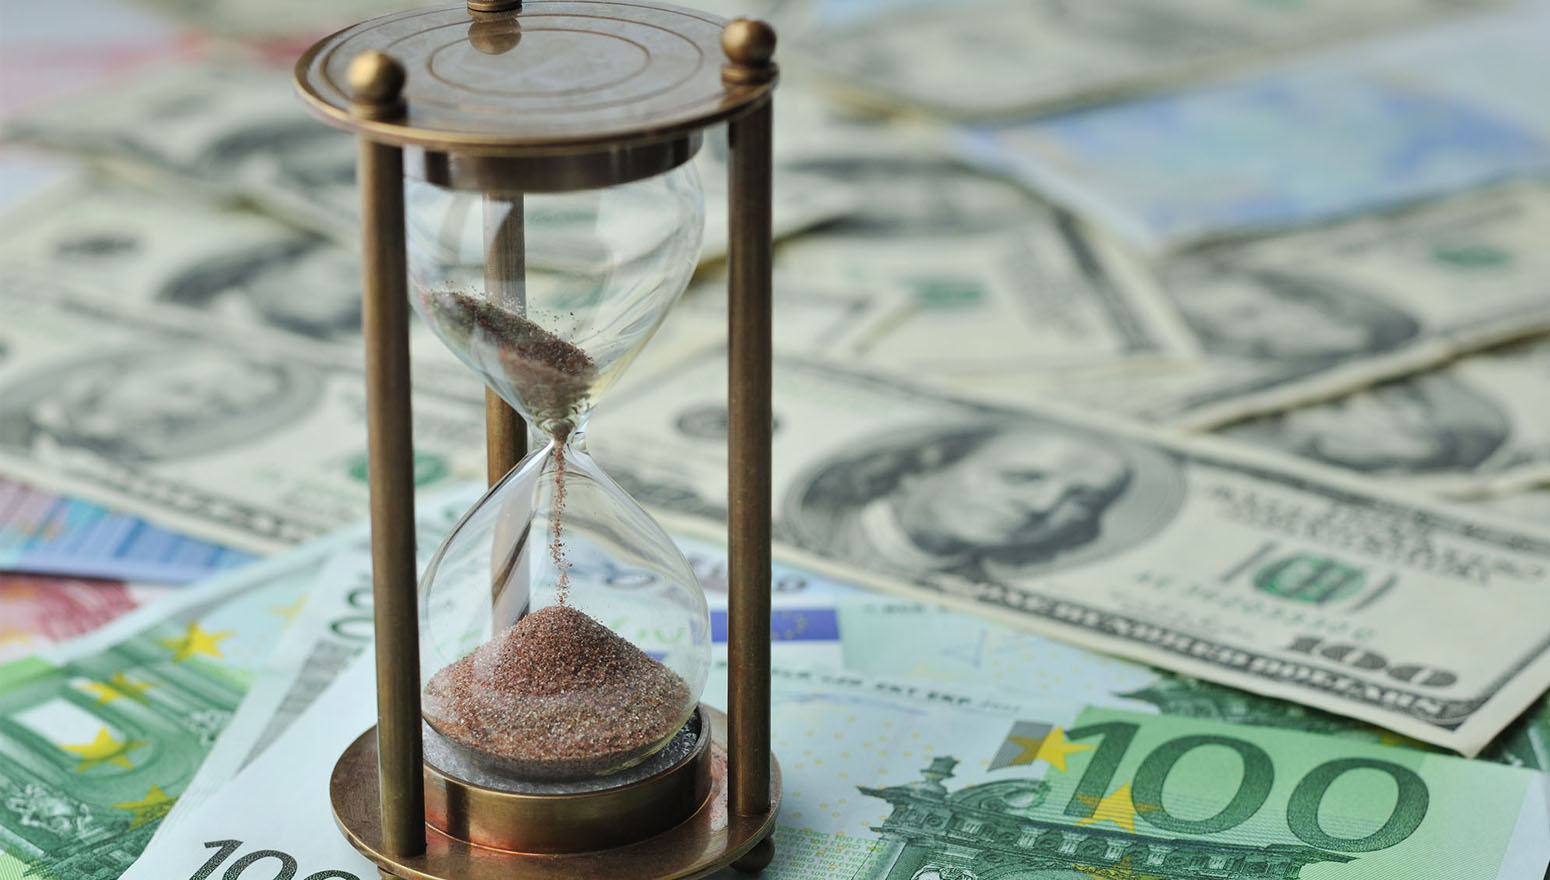 Los bancos, ¿tomarán medidas con los préstamos y créditos durante el Coronavirus?